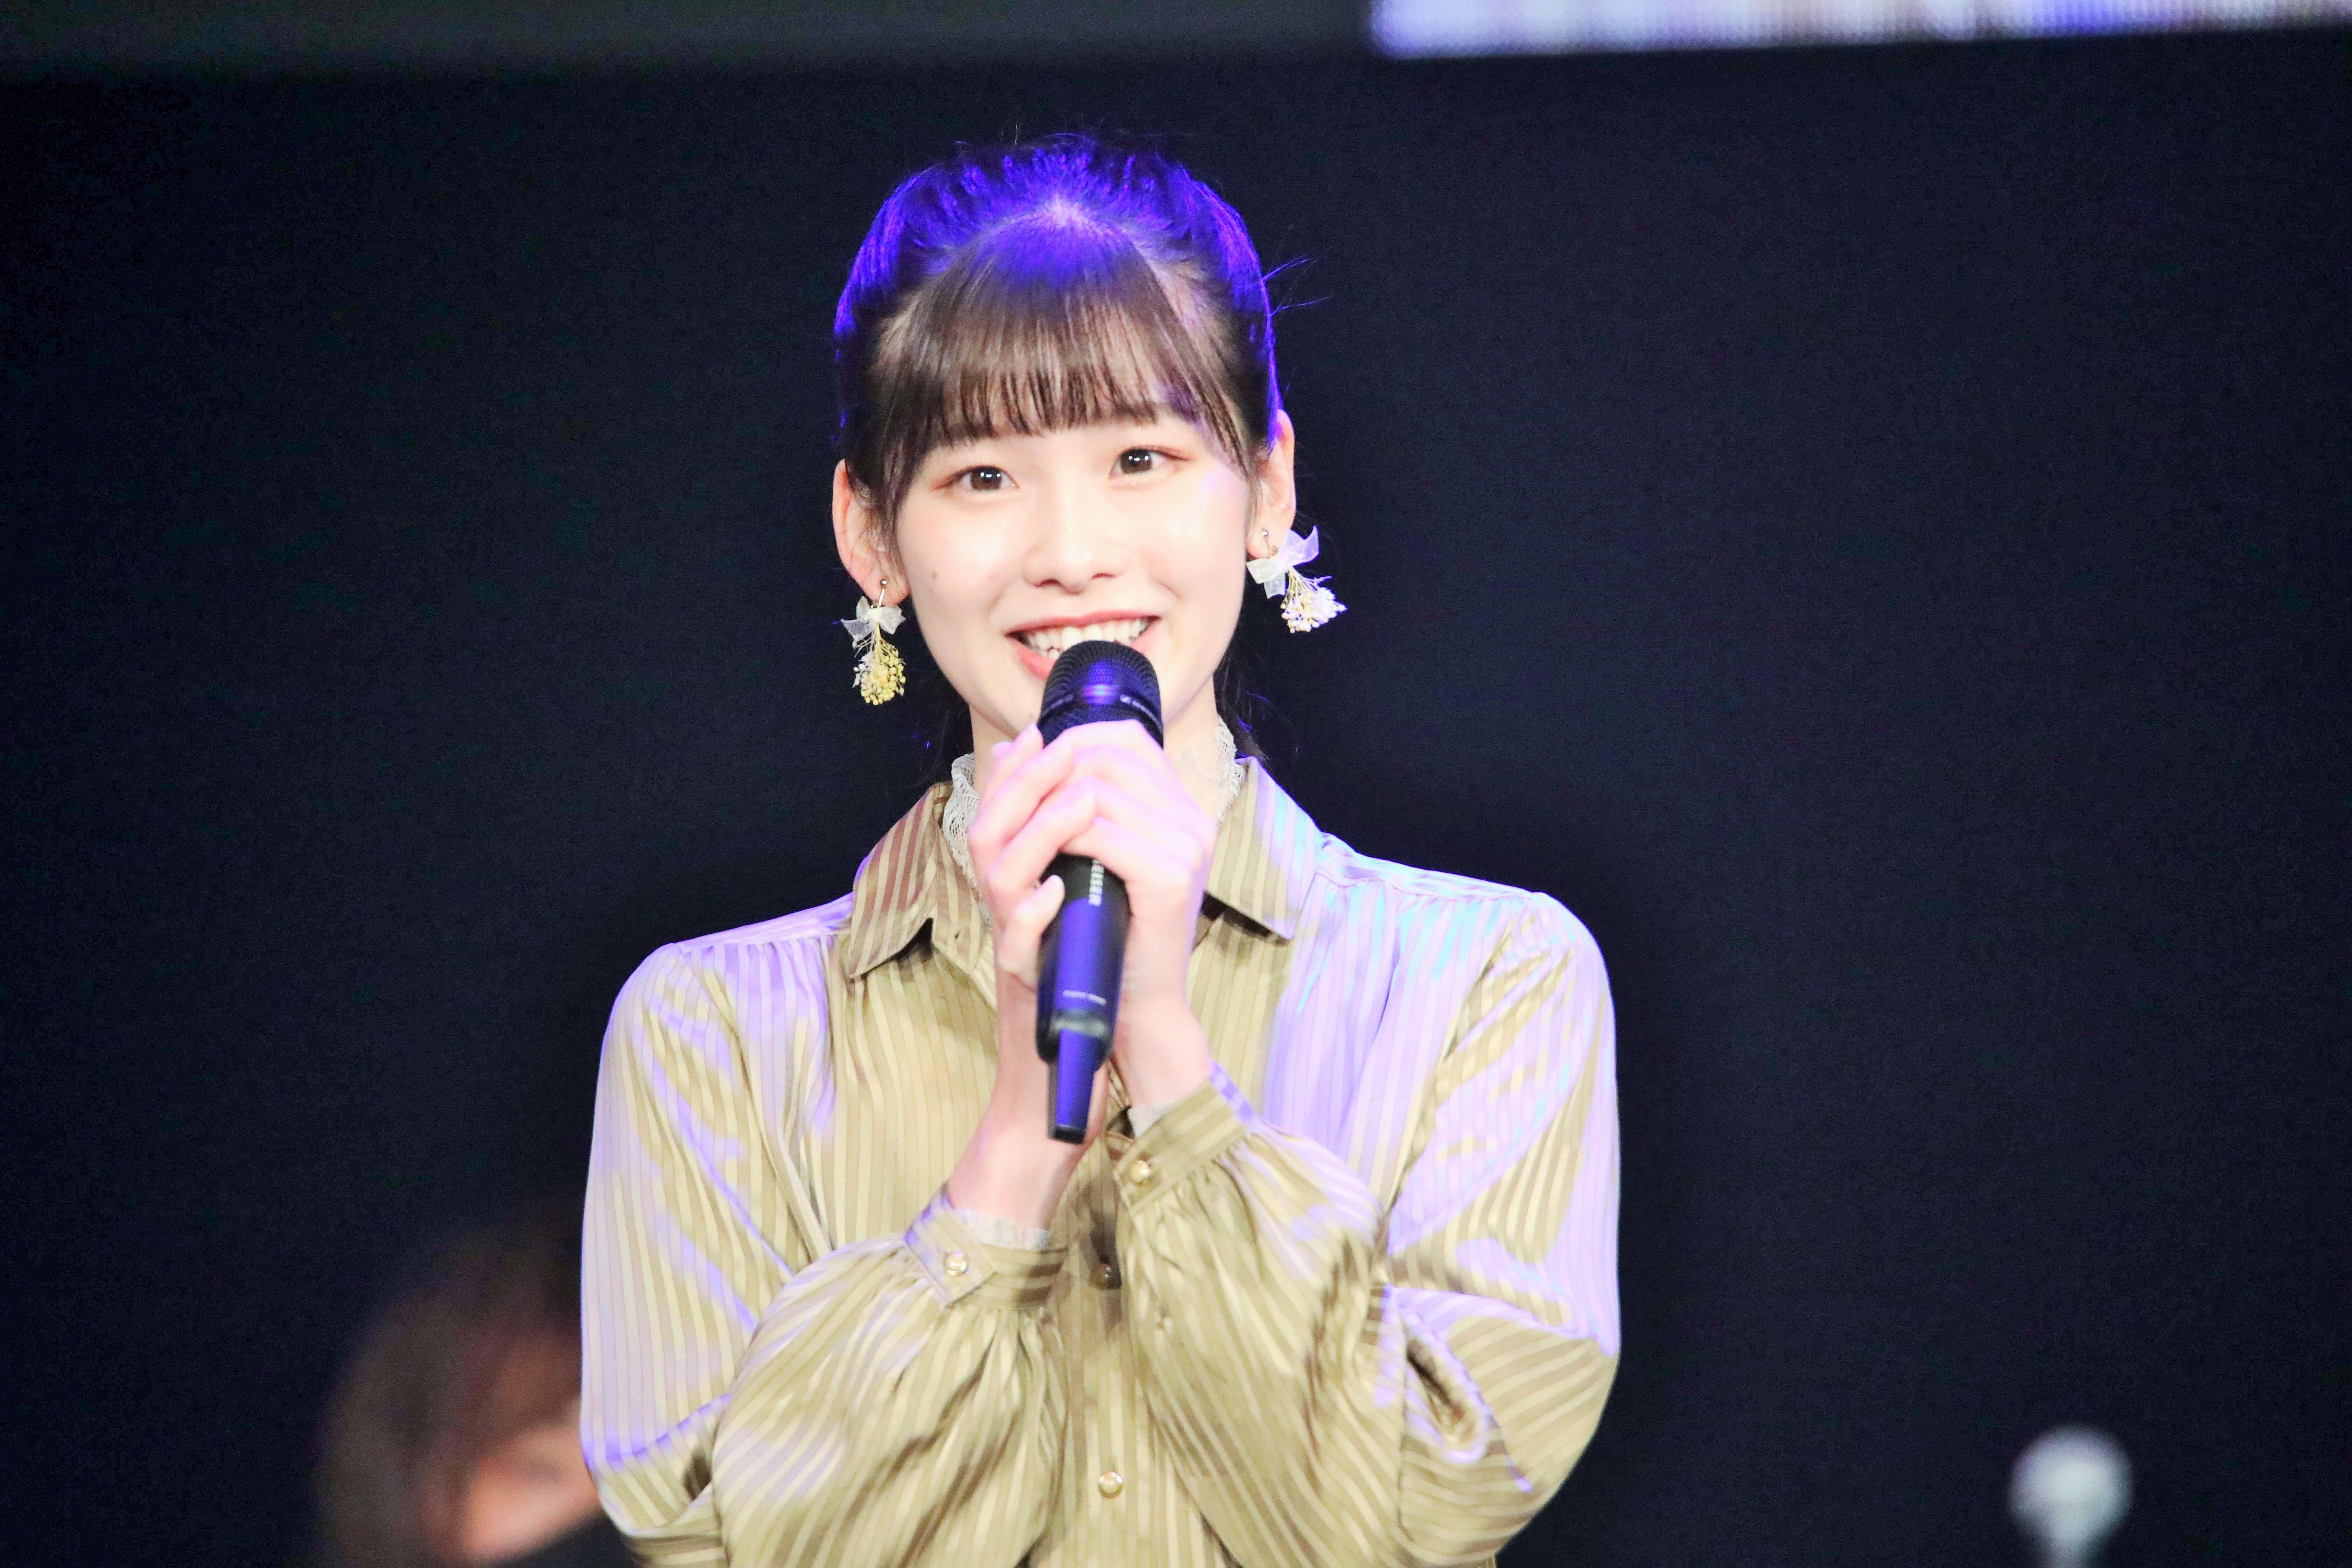 AKB48歌唱力No1決定戦での浅井七海「この歌詞が私のほぼ実体験に近かったので、想いを込めて誰かのところに届けられたらいいなと思いました」